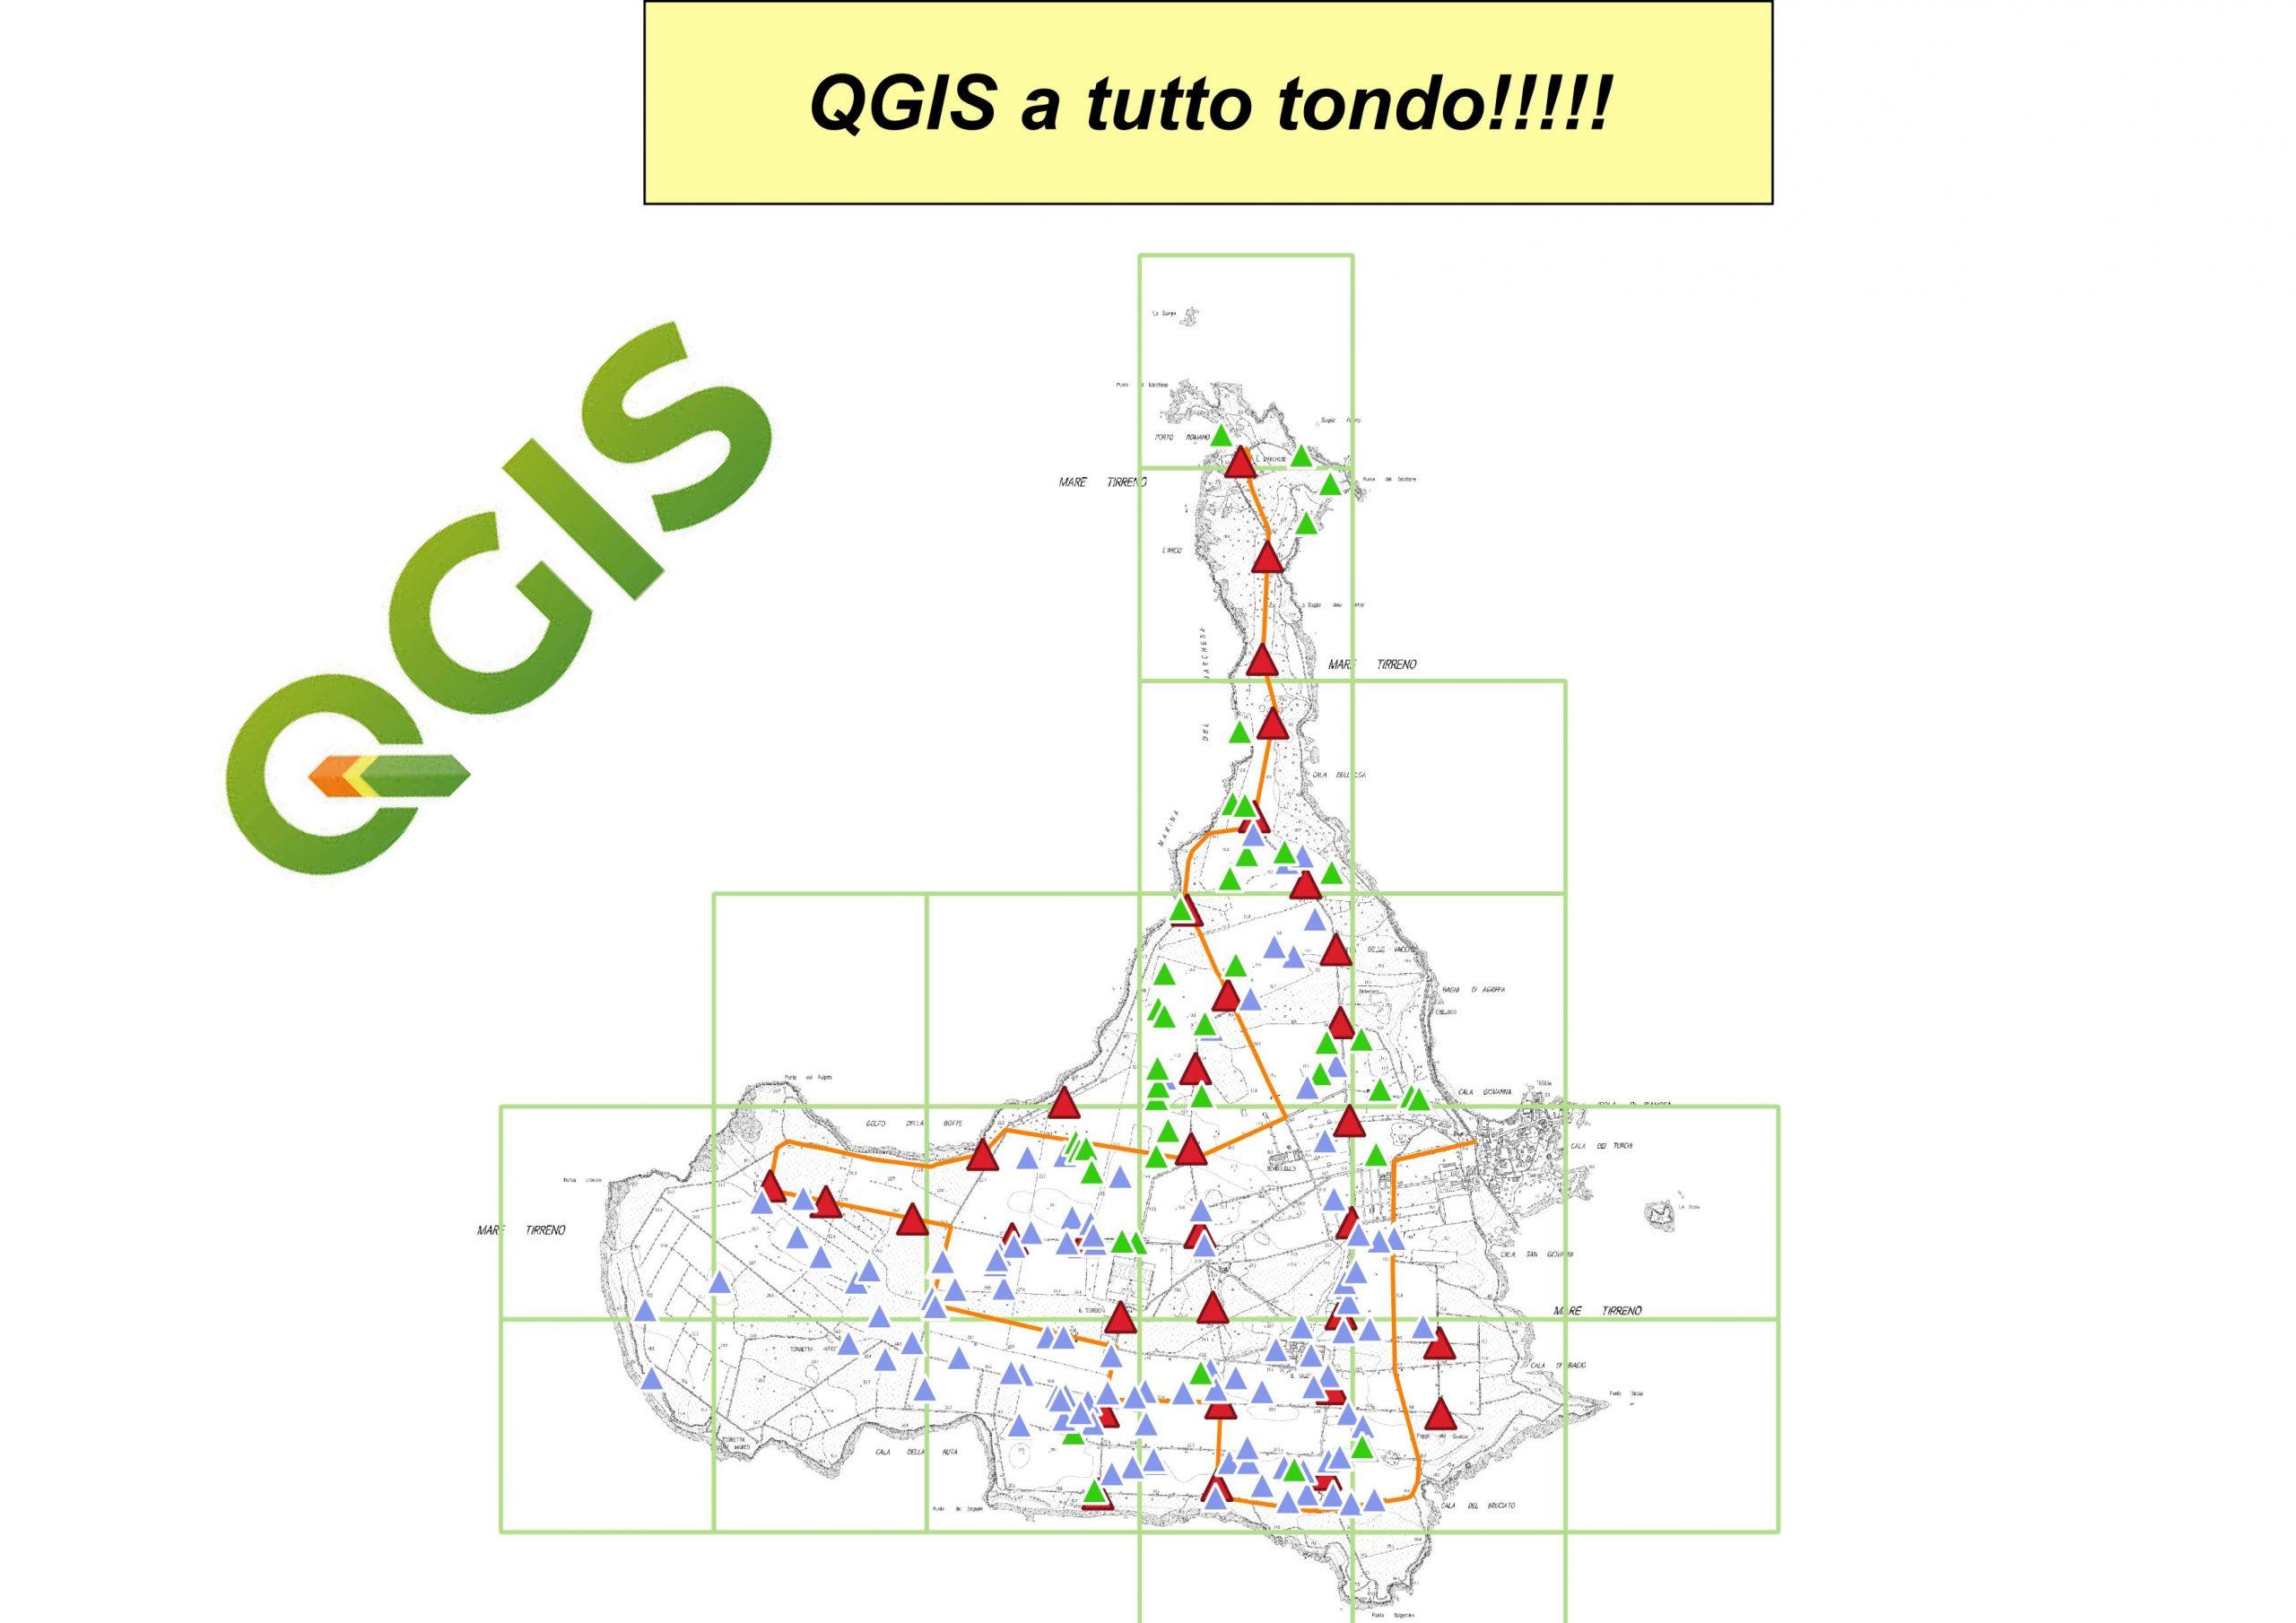 Corso Completo - QGIS a tutto tondo